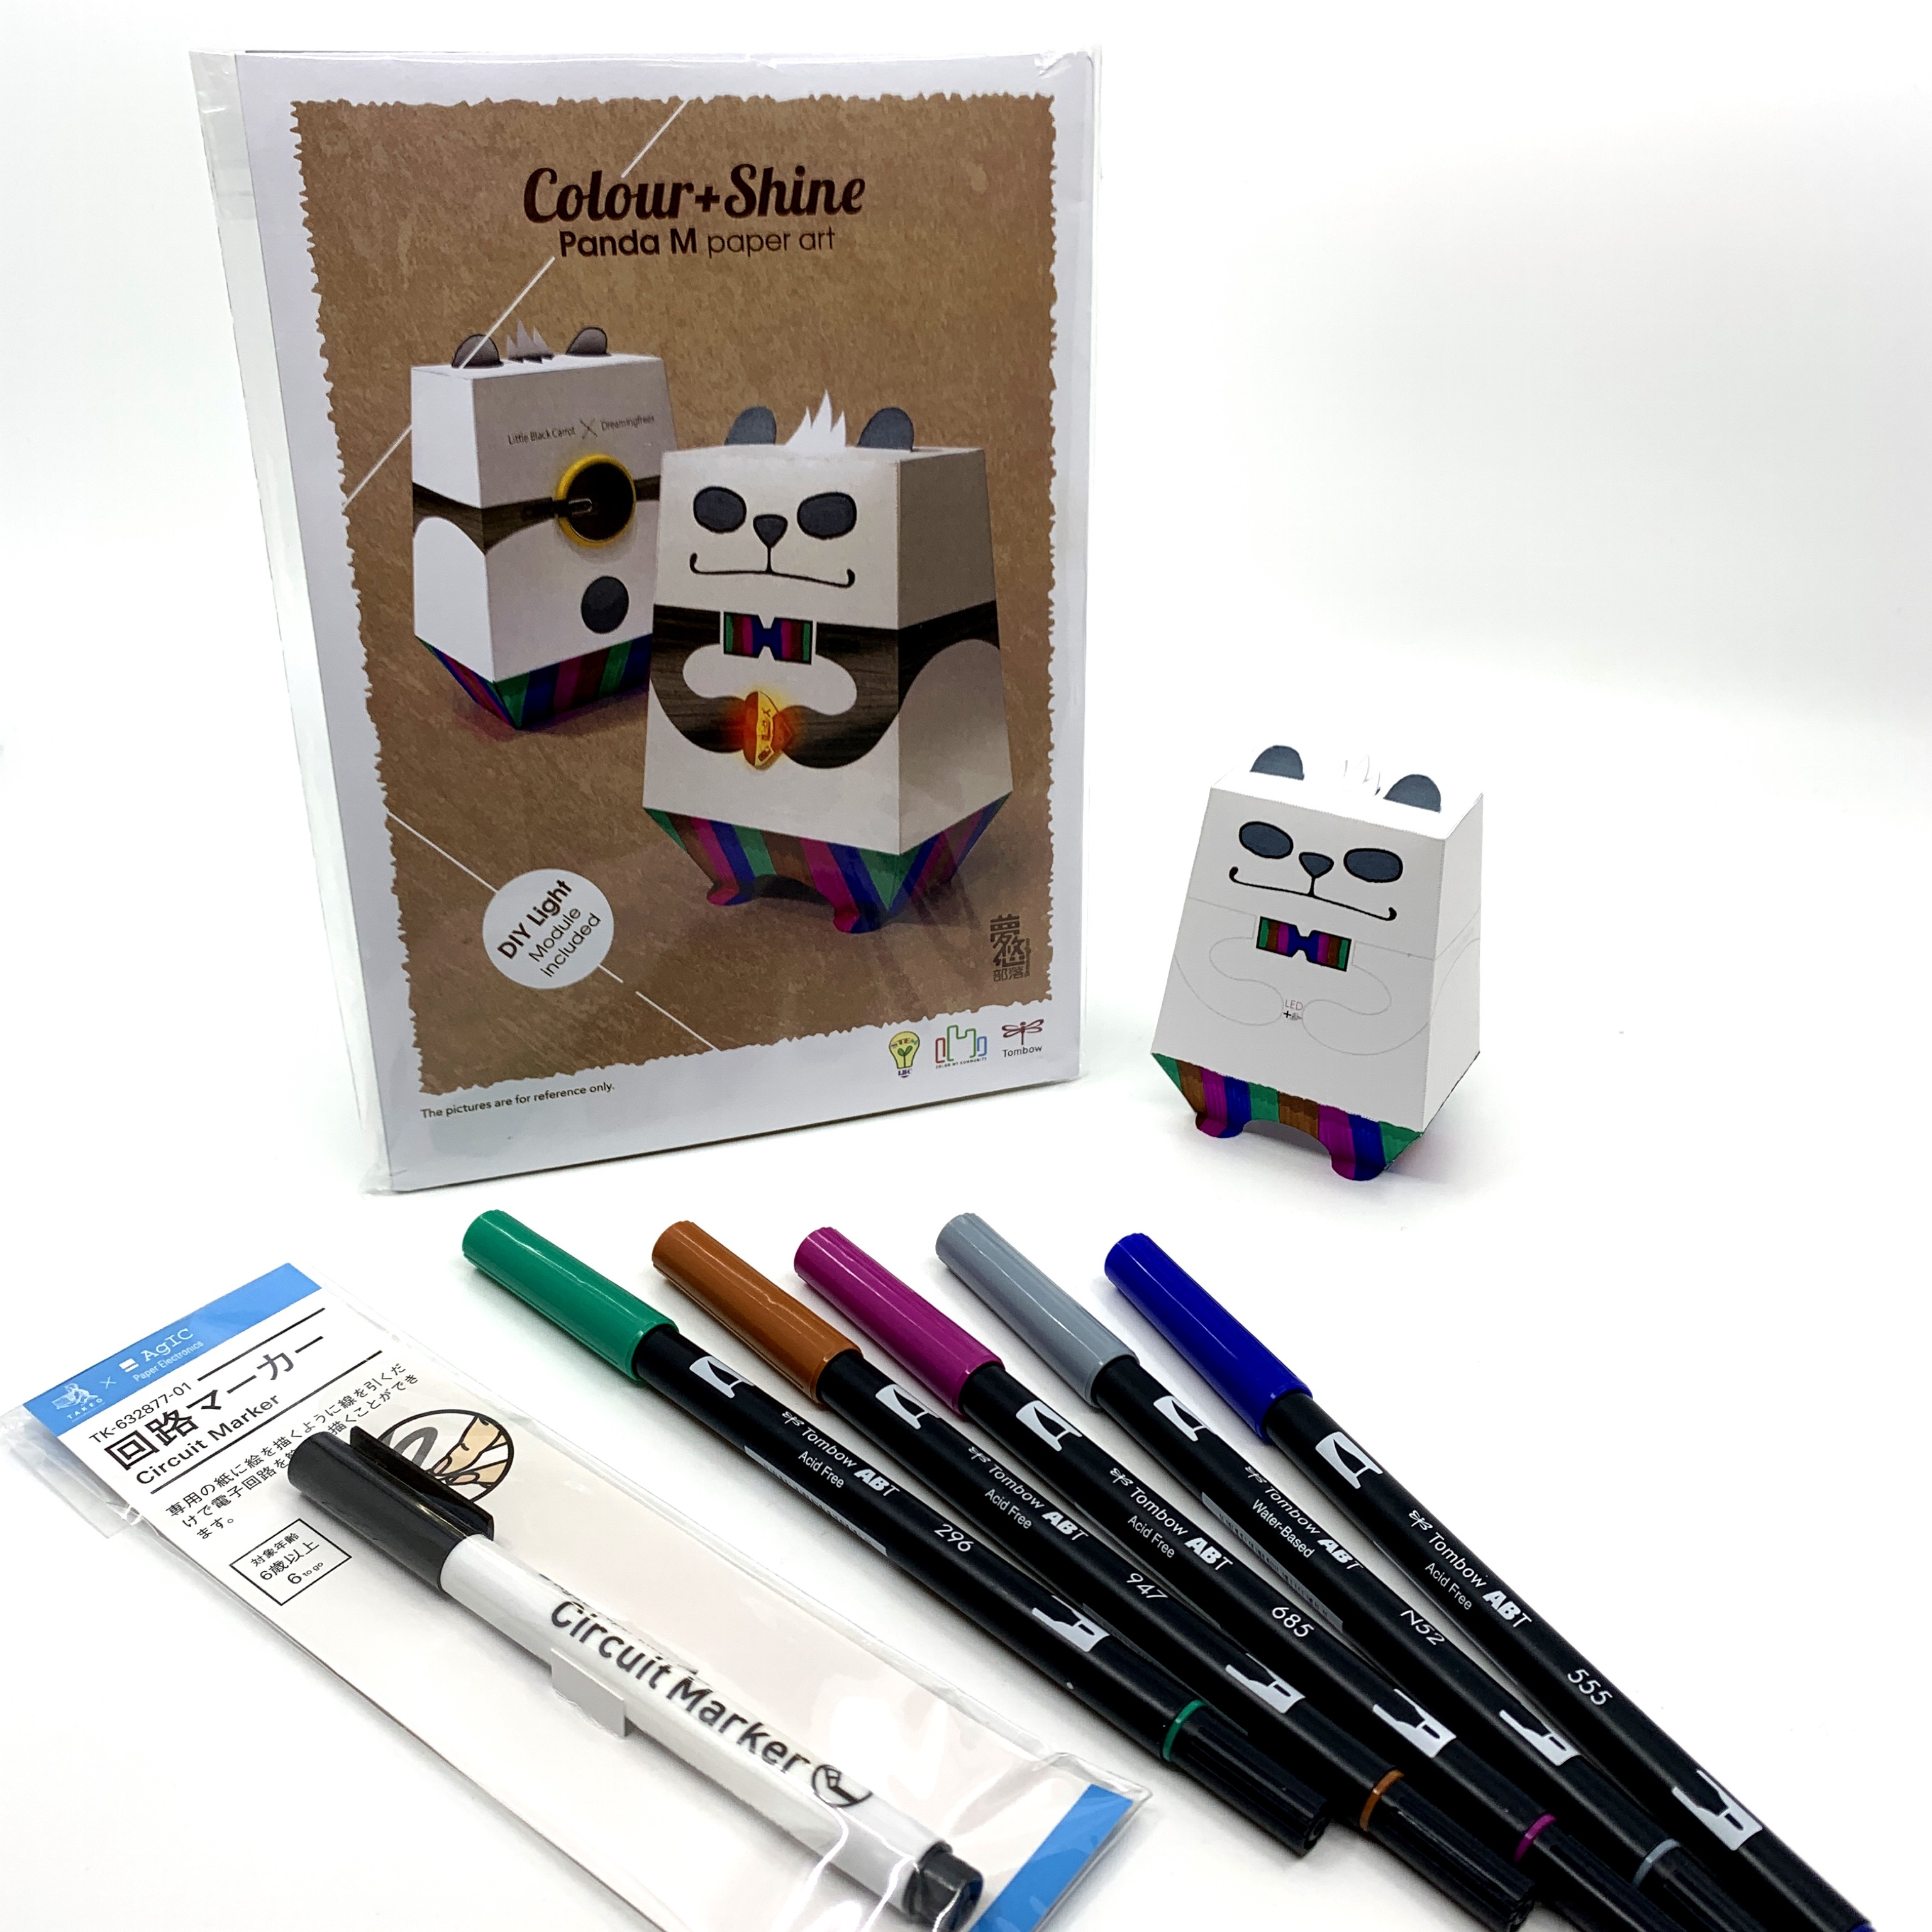 3D Panda M